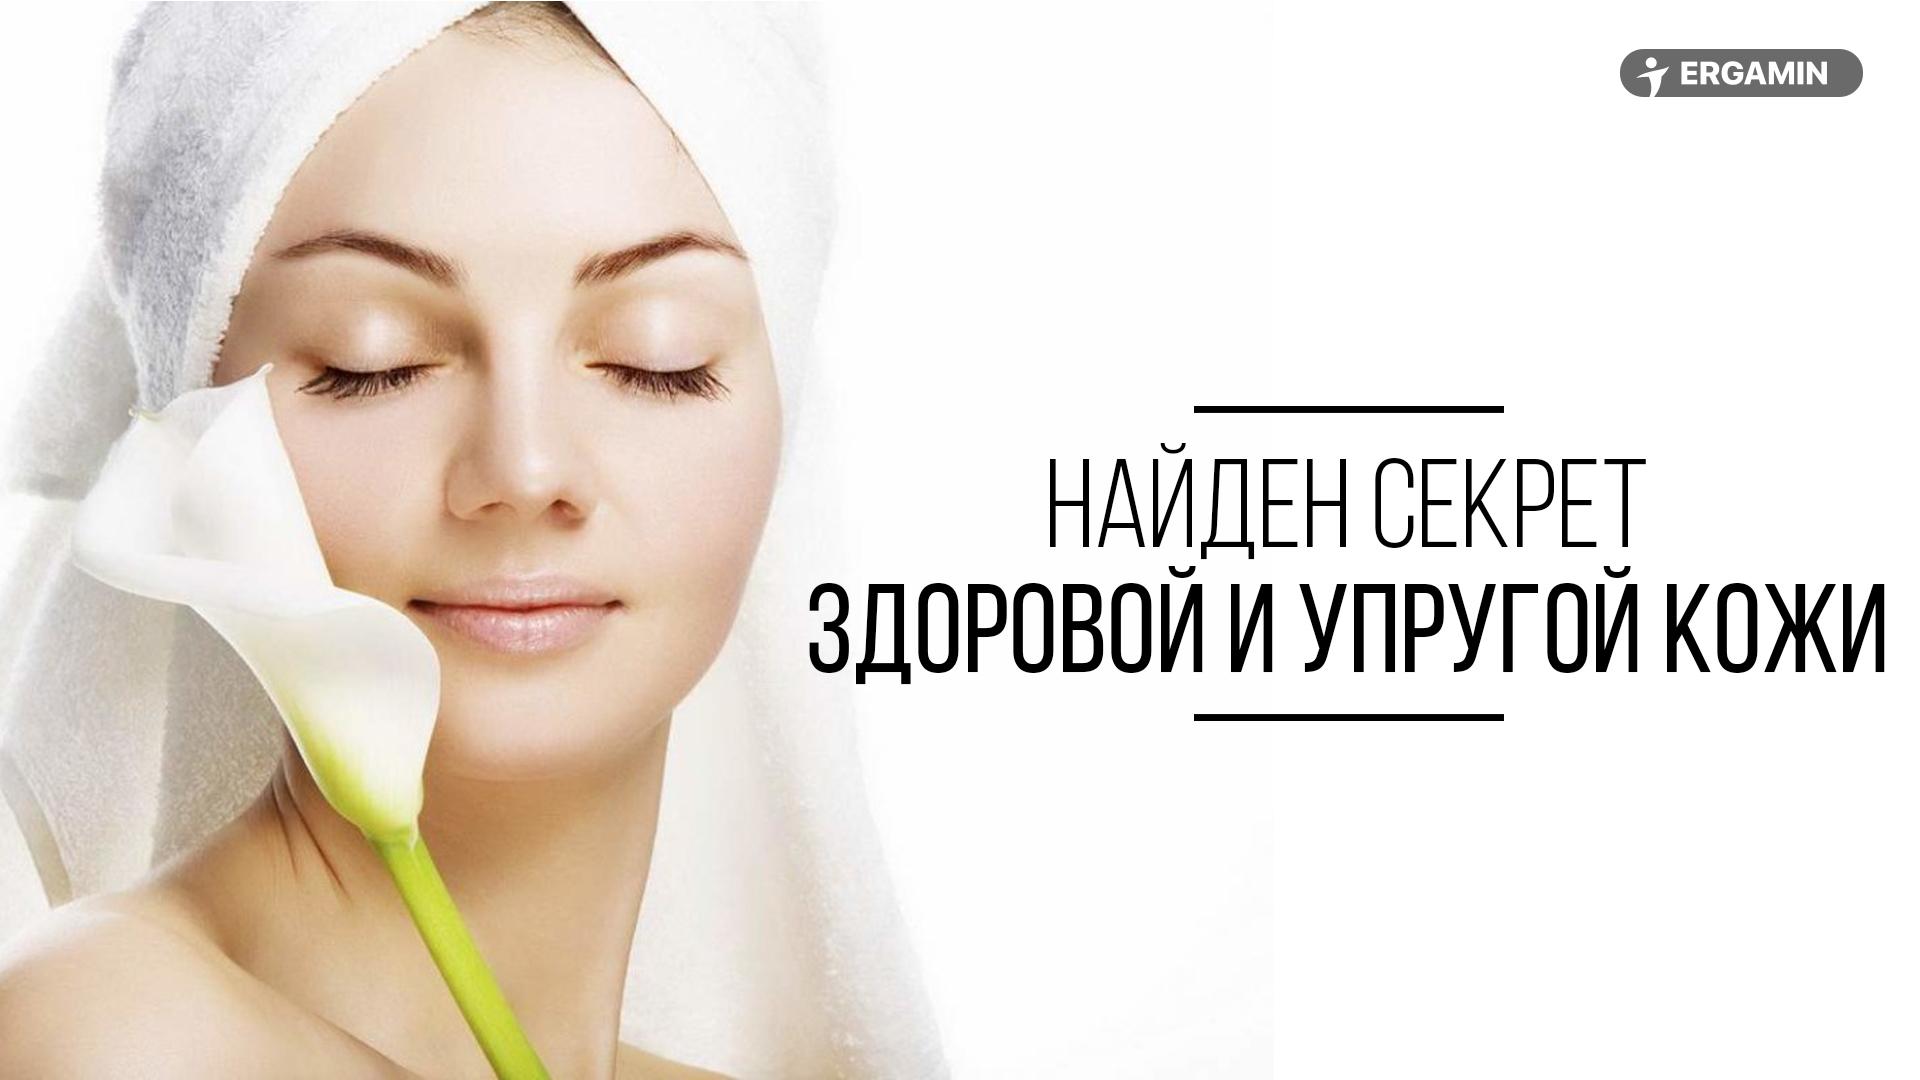 Как коллаген влияет на структуру кожи. Лабораторное исследование.